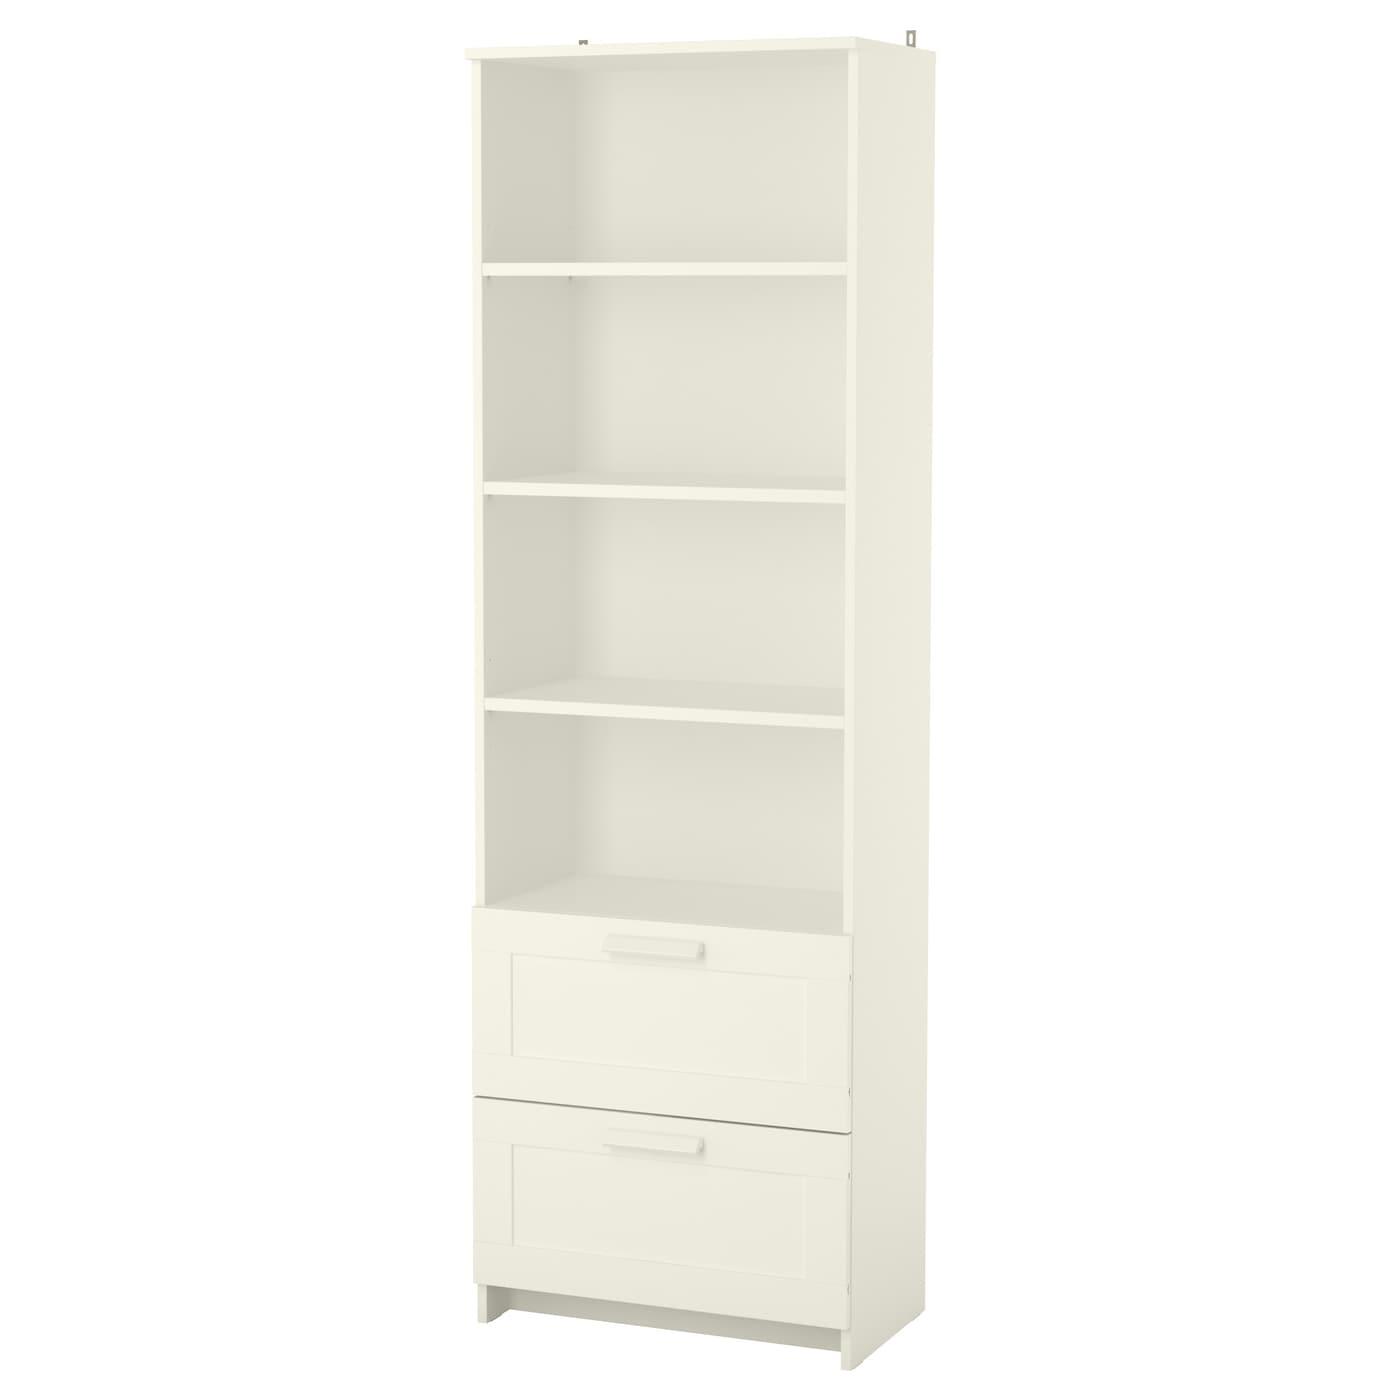 GERSBY Bookcase White 60 x 180 cm - IKEA